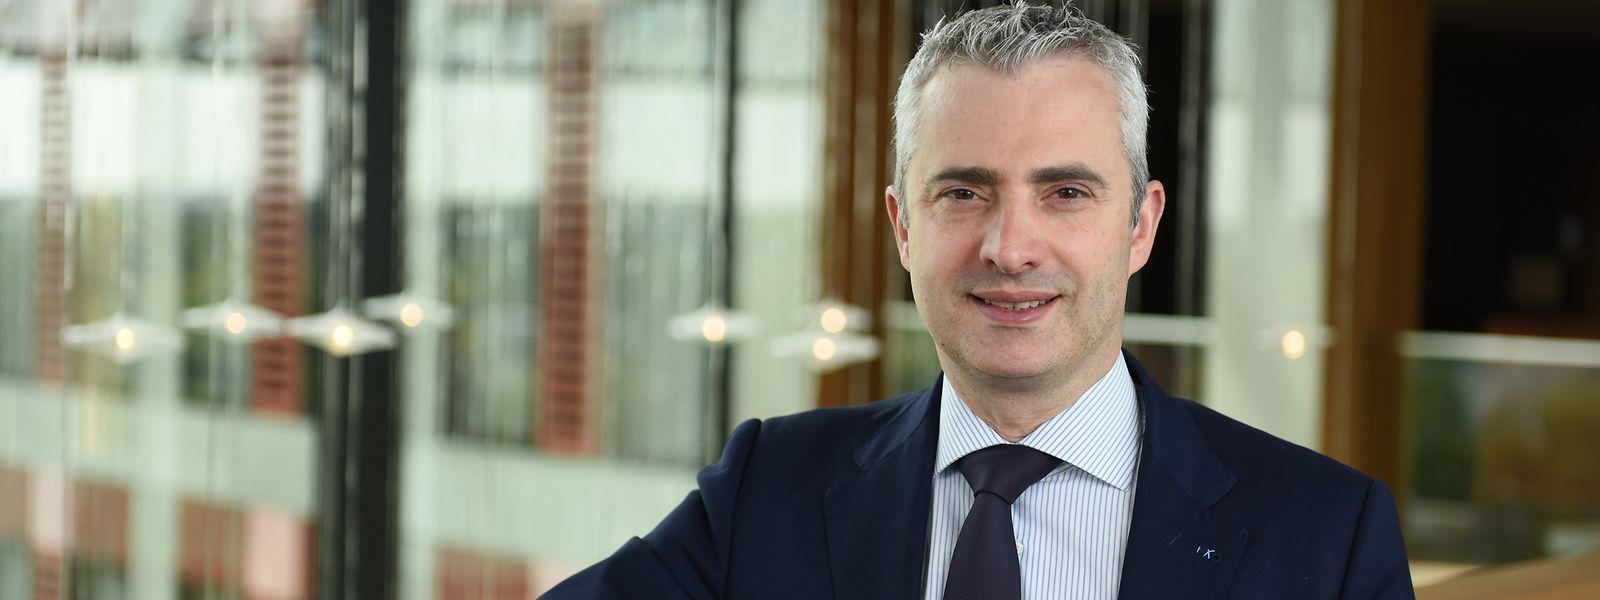 Olivier Coekelbergs wird neuer Country Manager bei der Wirtschaftsprüfungs- und Unternehmensberatungsgesellschaft EY.